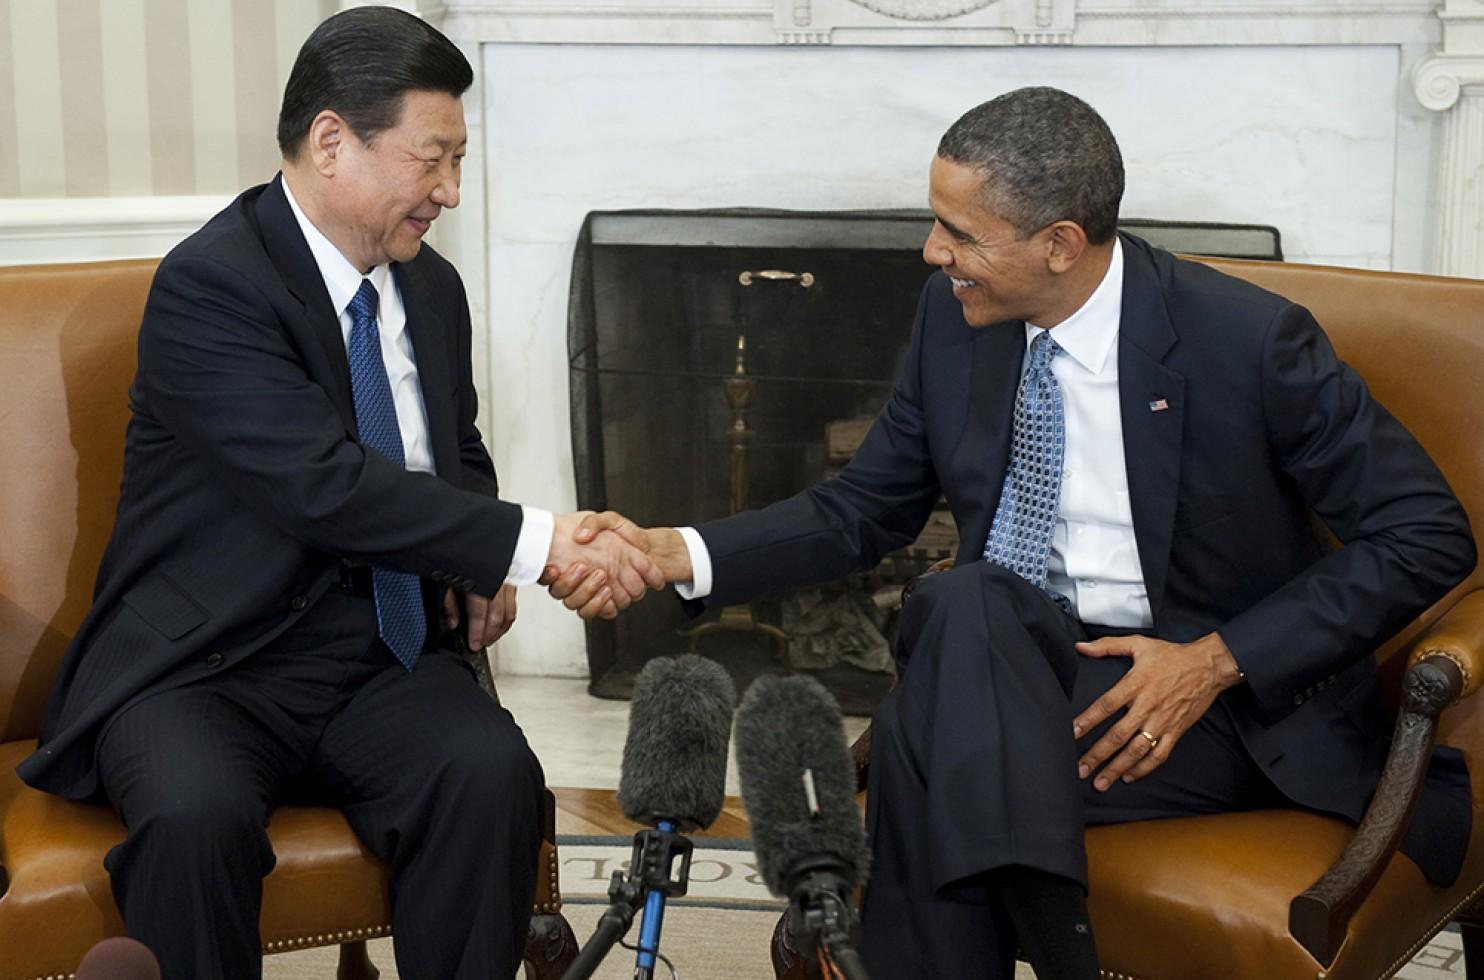 博谈网|为什么一名共产党独裁者会是世界上最受欢迎的领导人